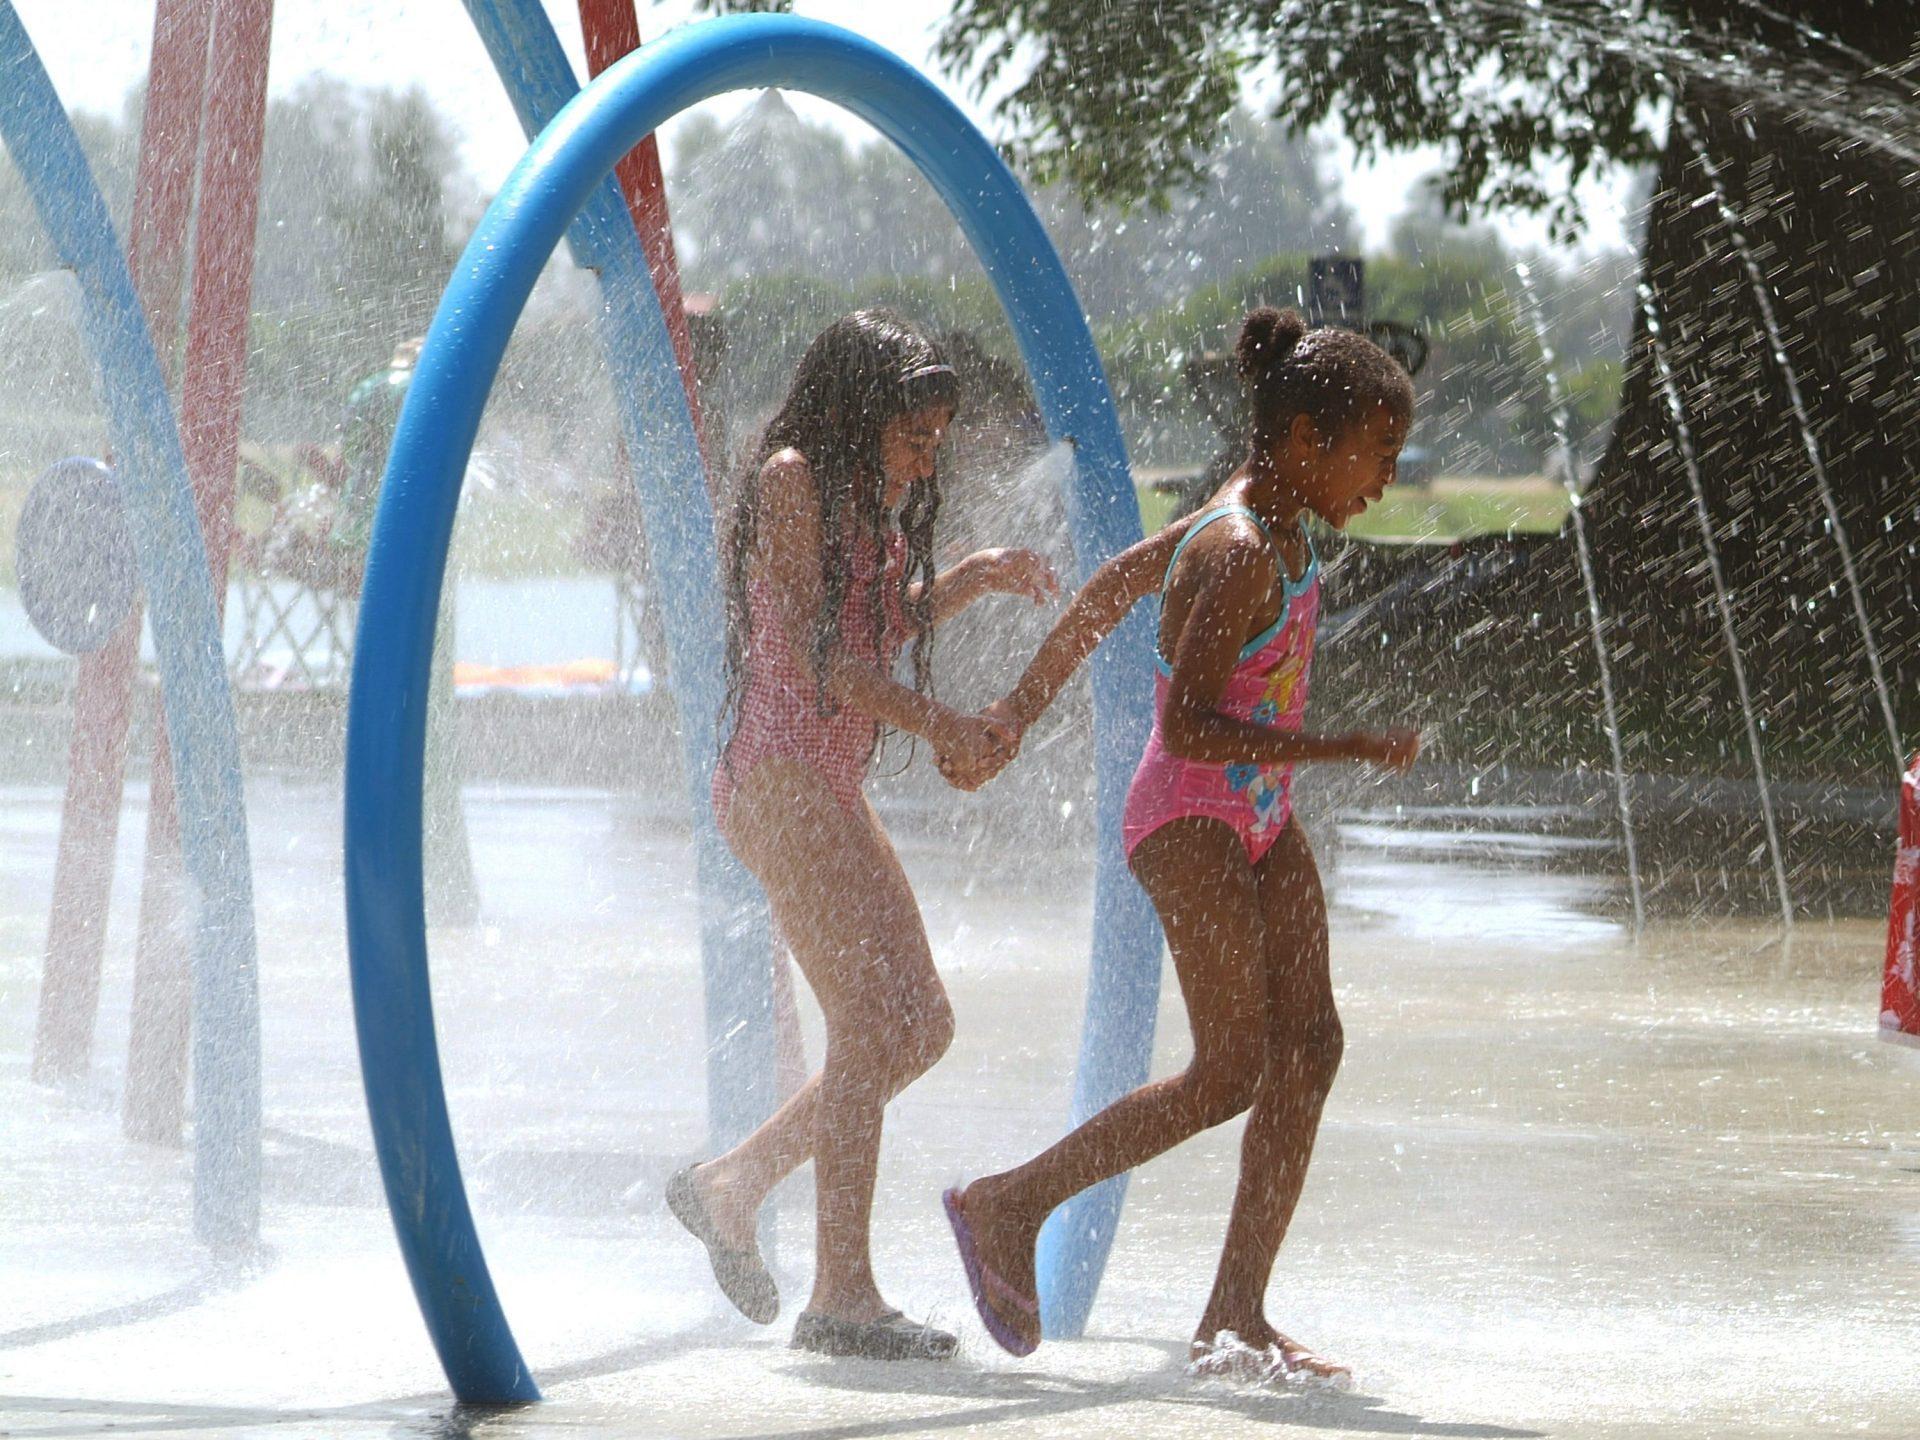 girls at splash pad